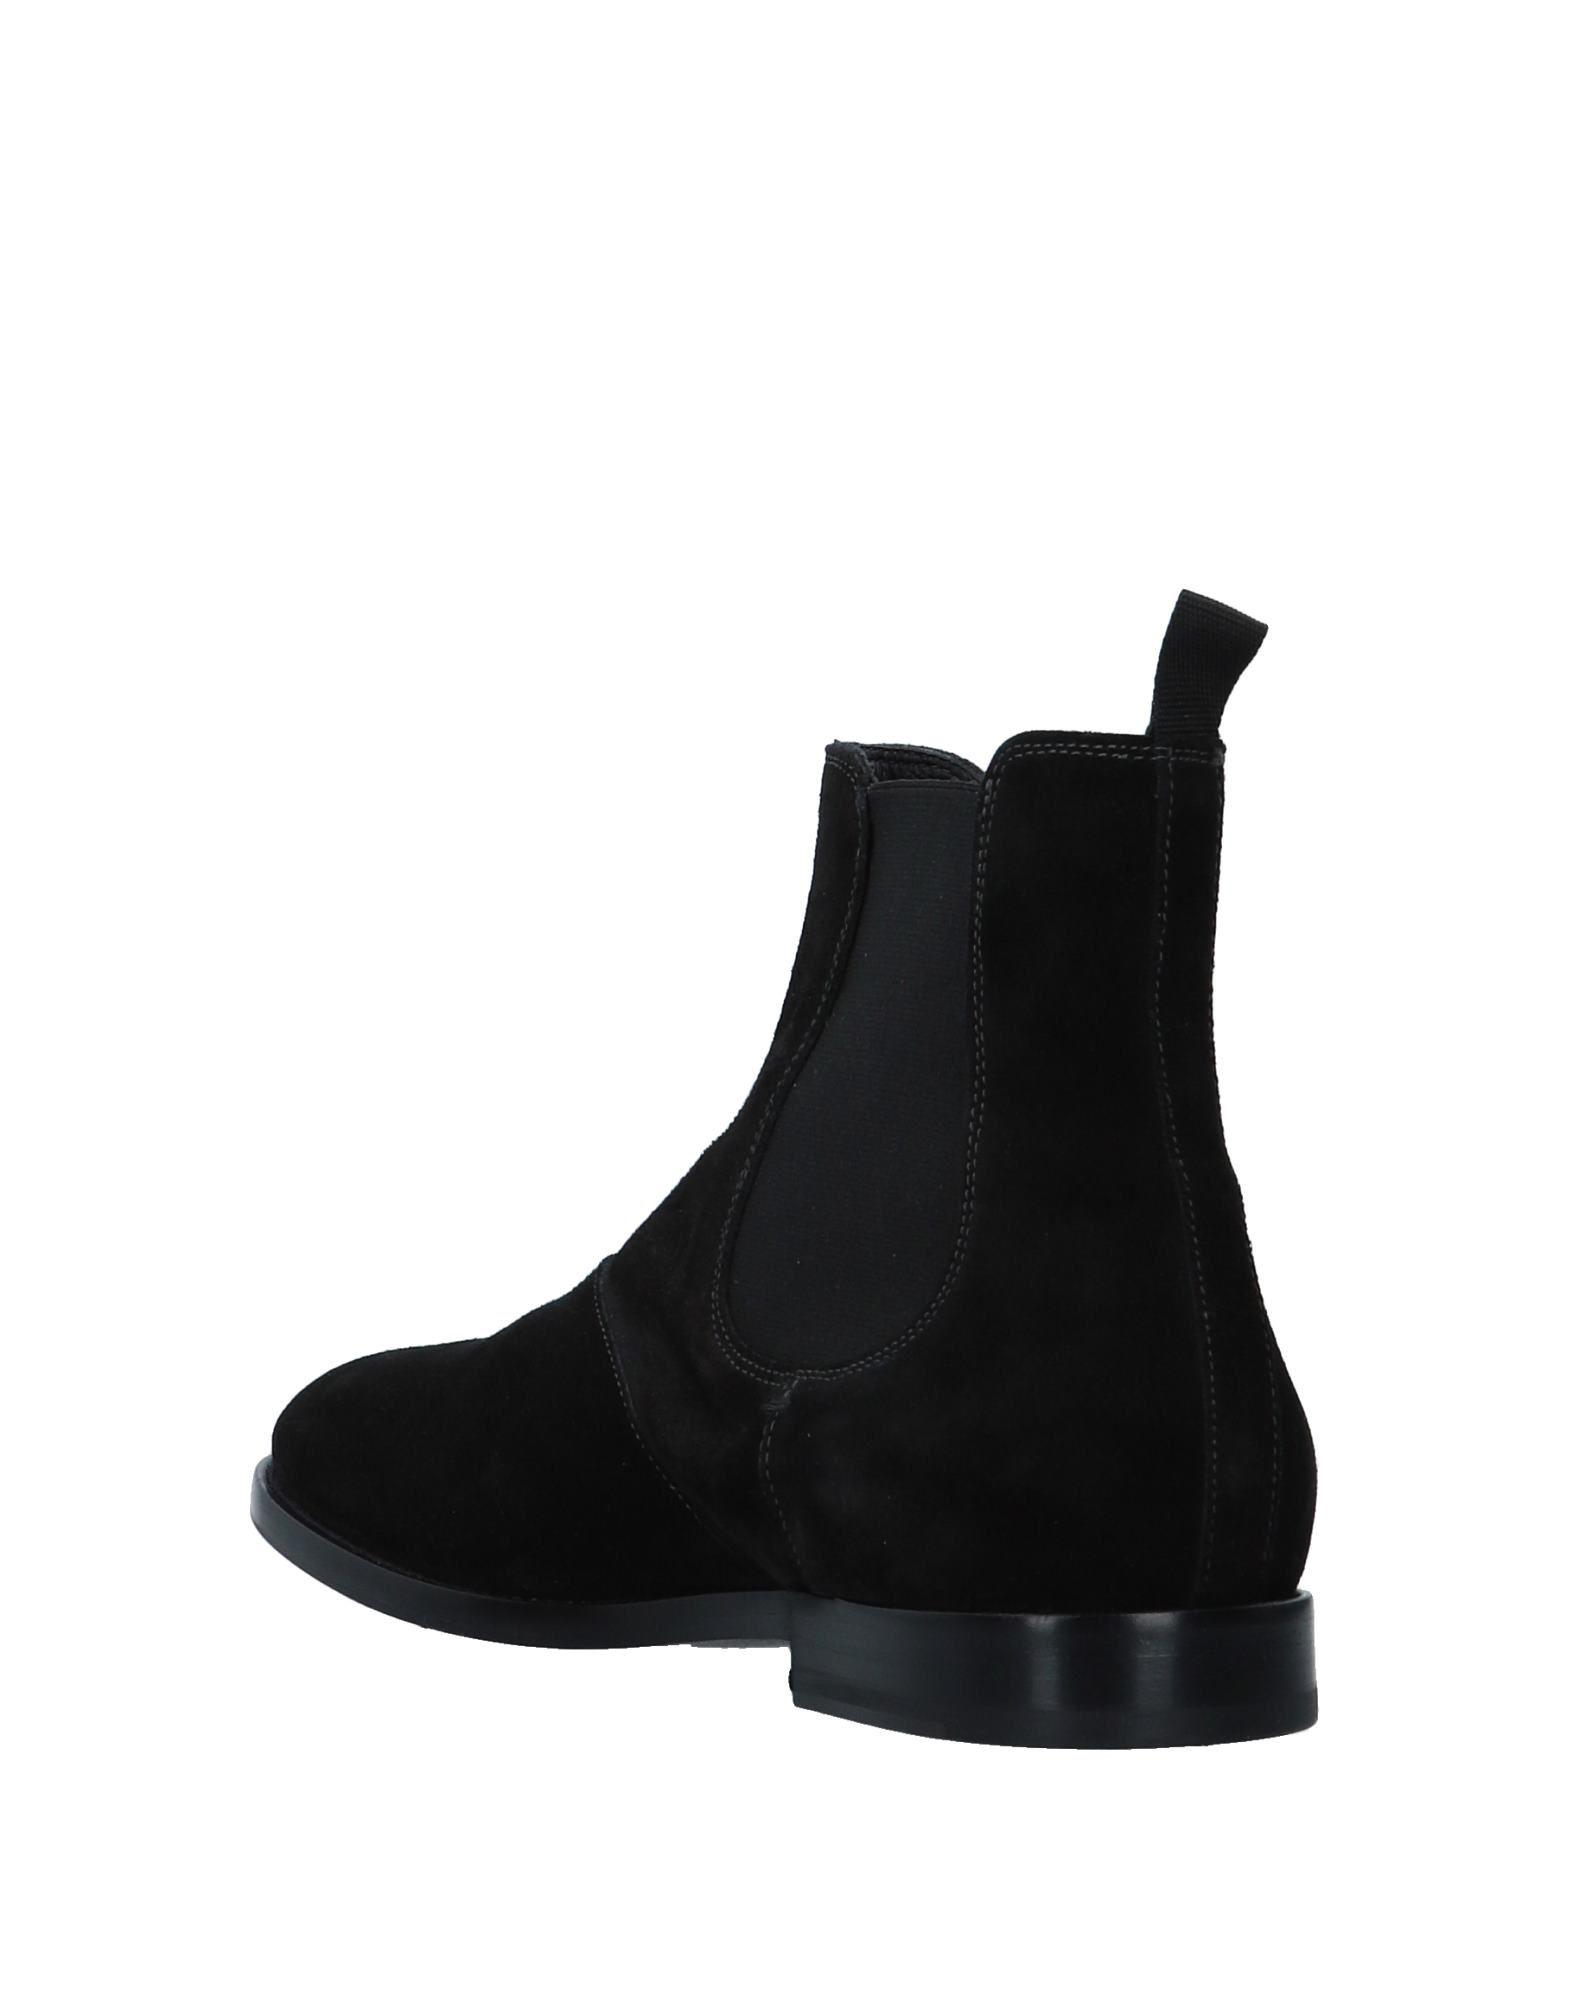 Sergio Rossi Stiefelette Herren  11533581LK Gute Qualität beliebte Schuhe